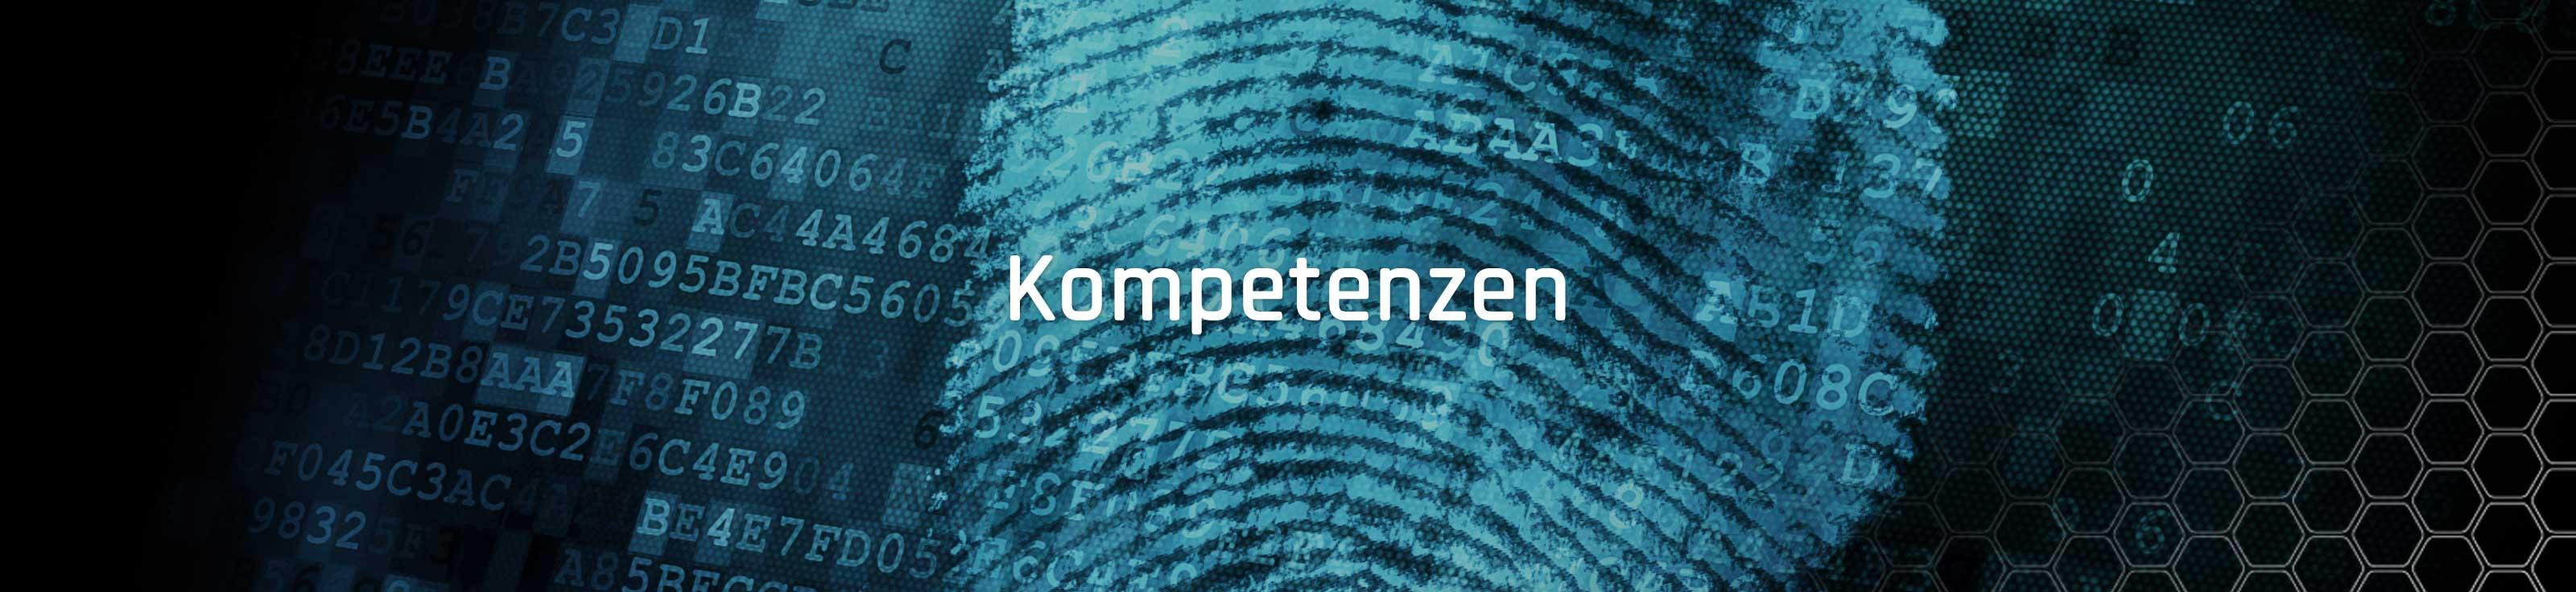 slider_kompetenzen3